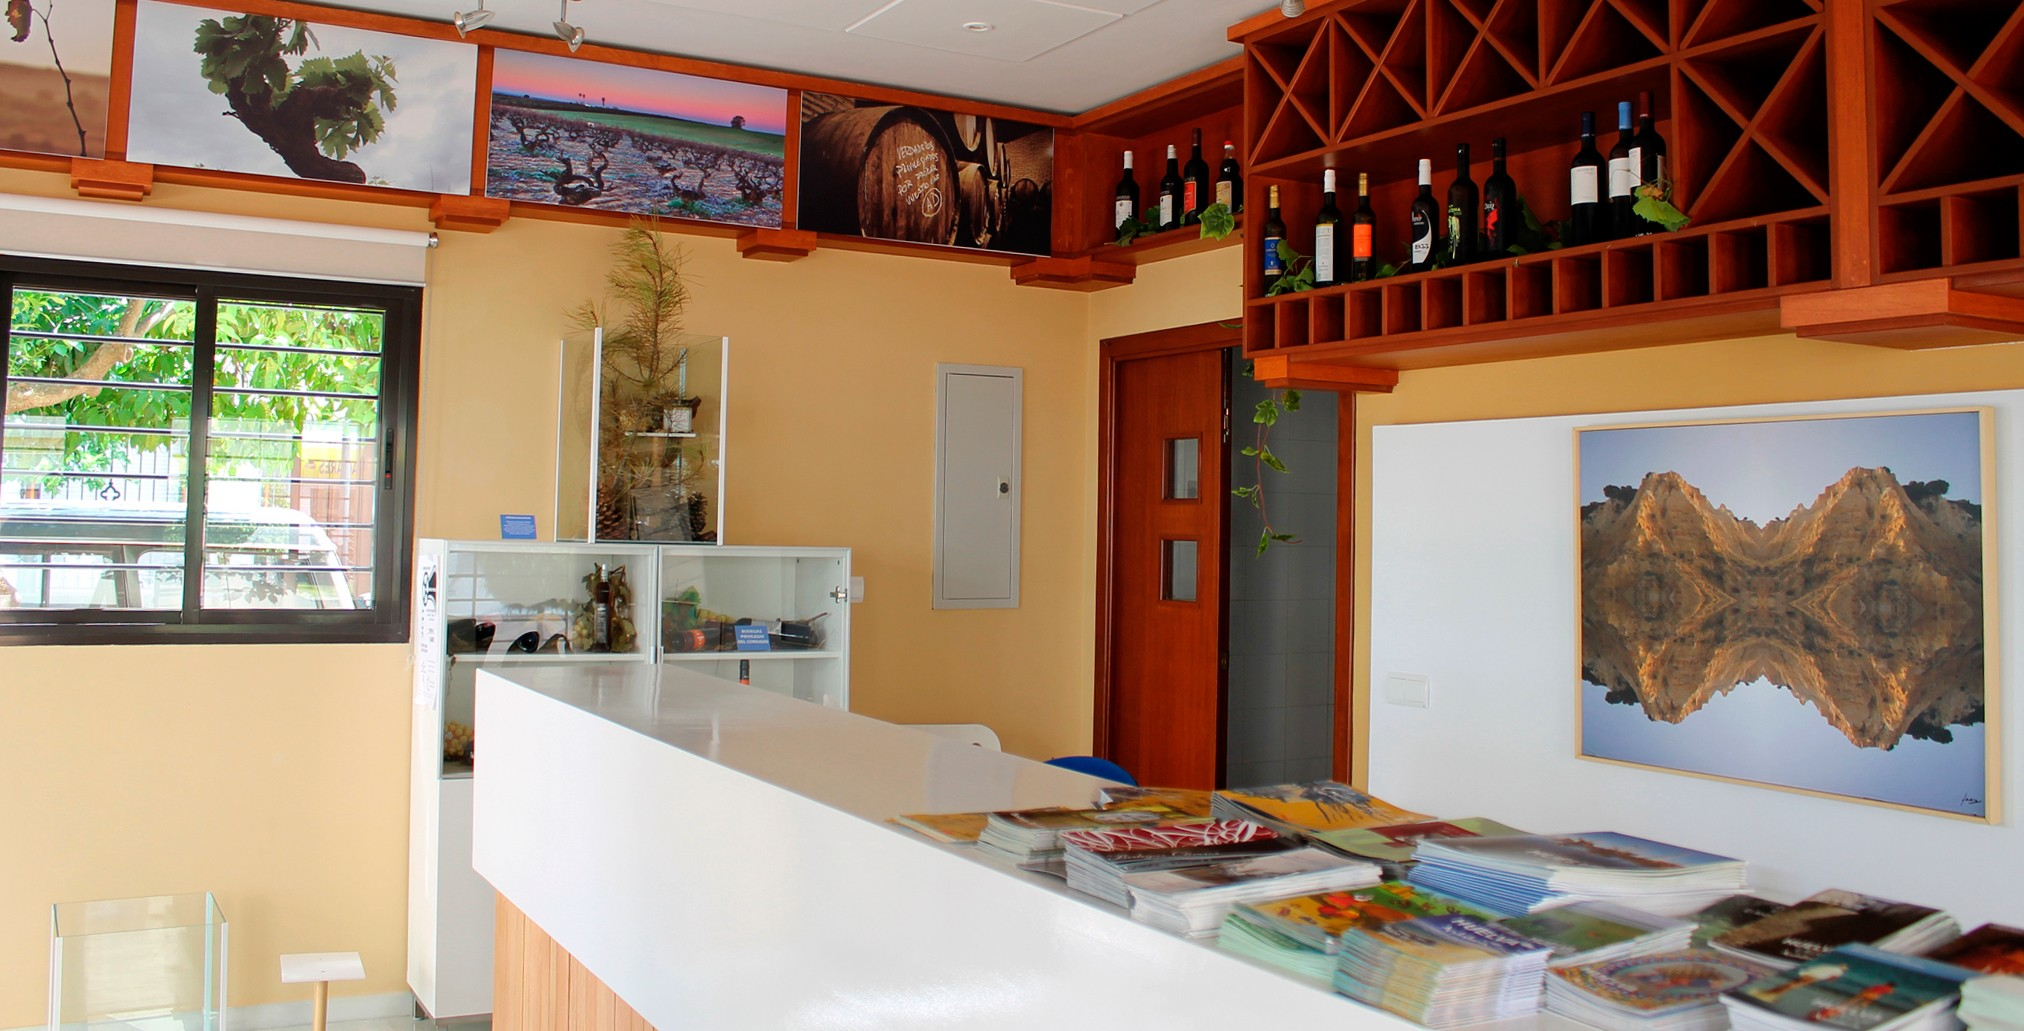 Punto de Información Turística y Asesoramiento Comarca de Doñana